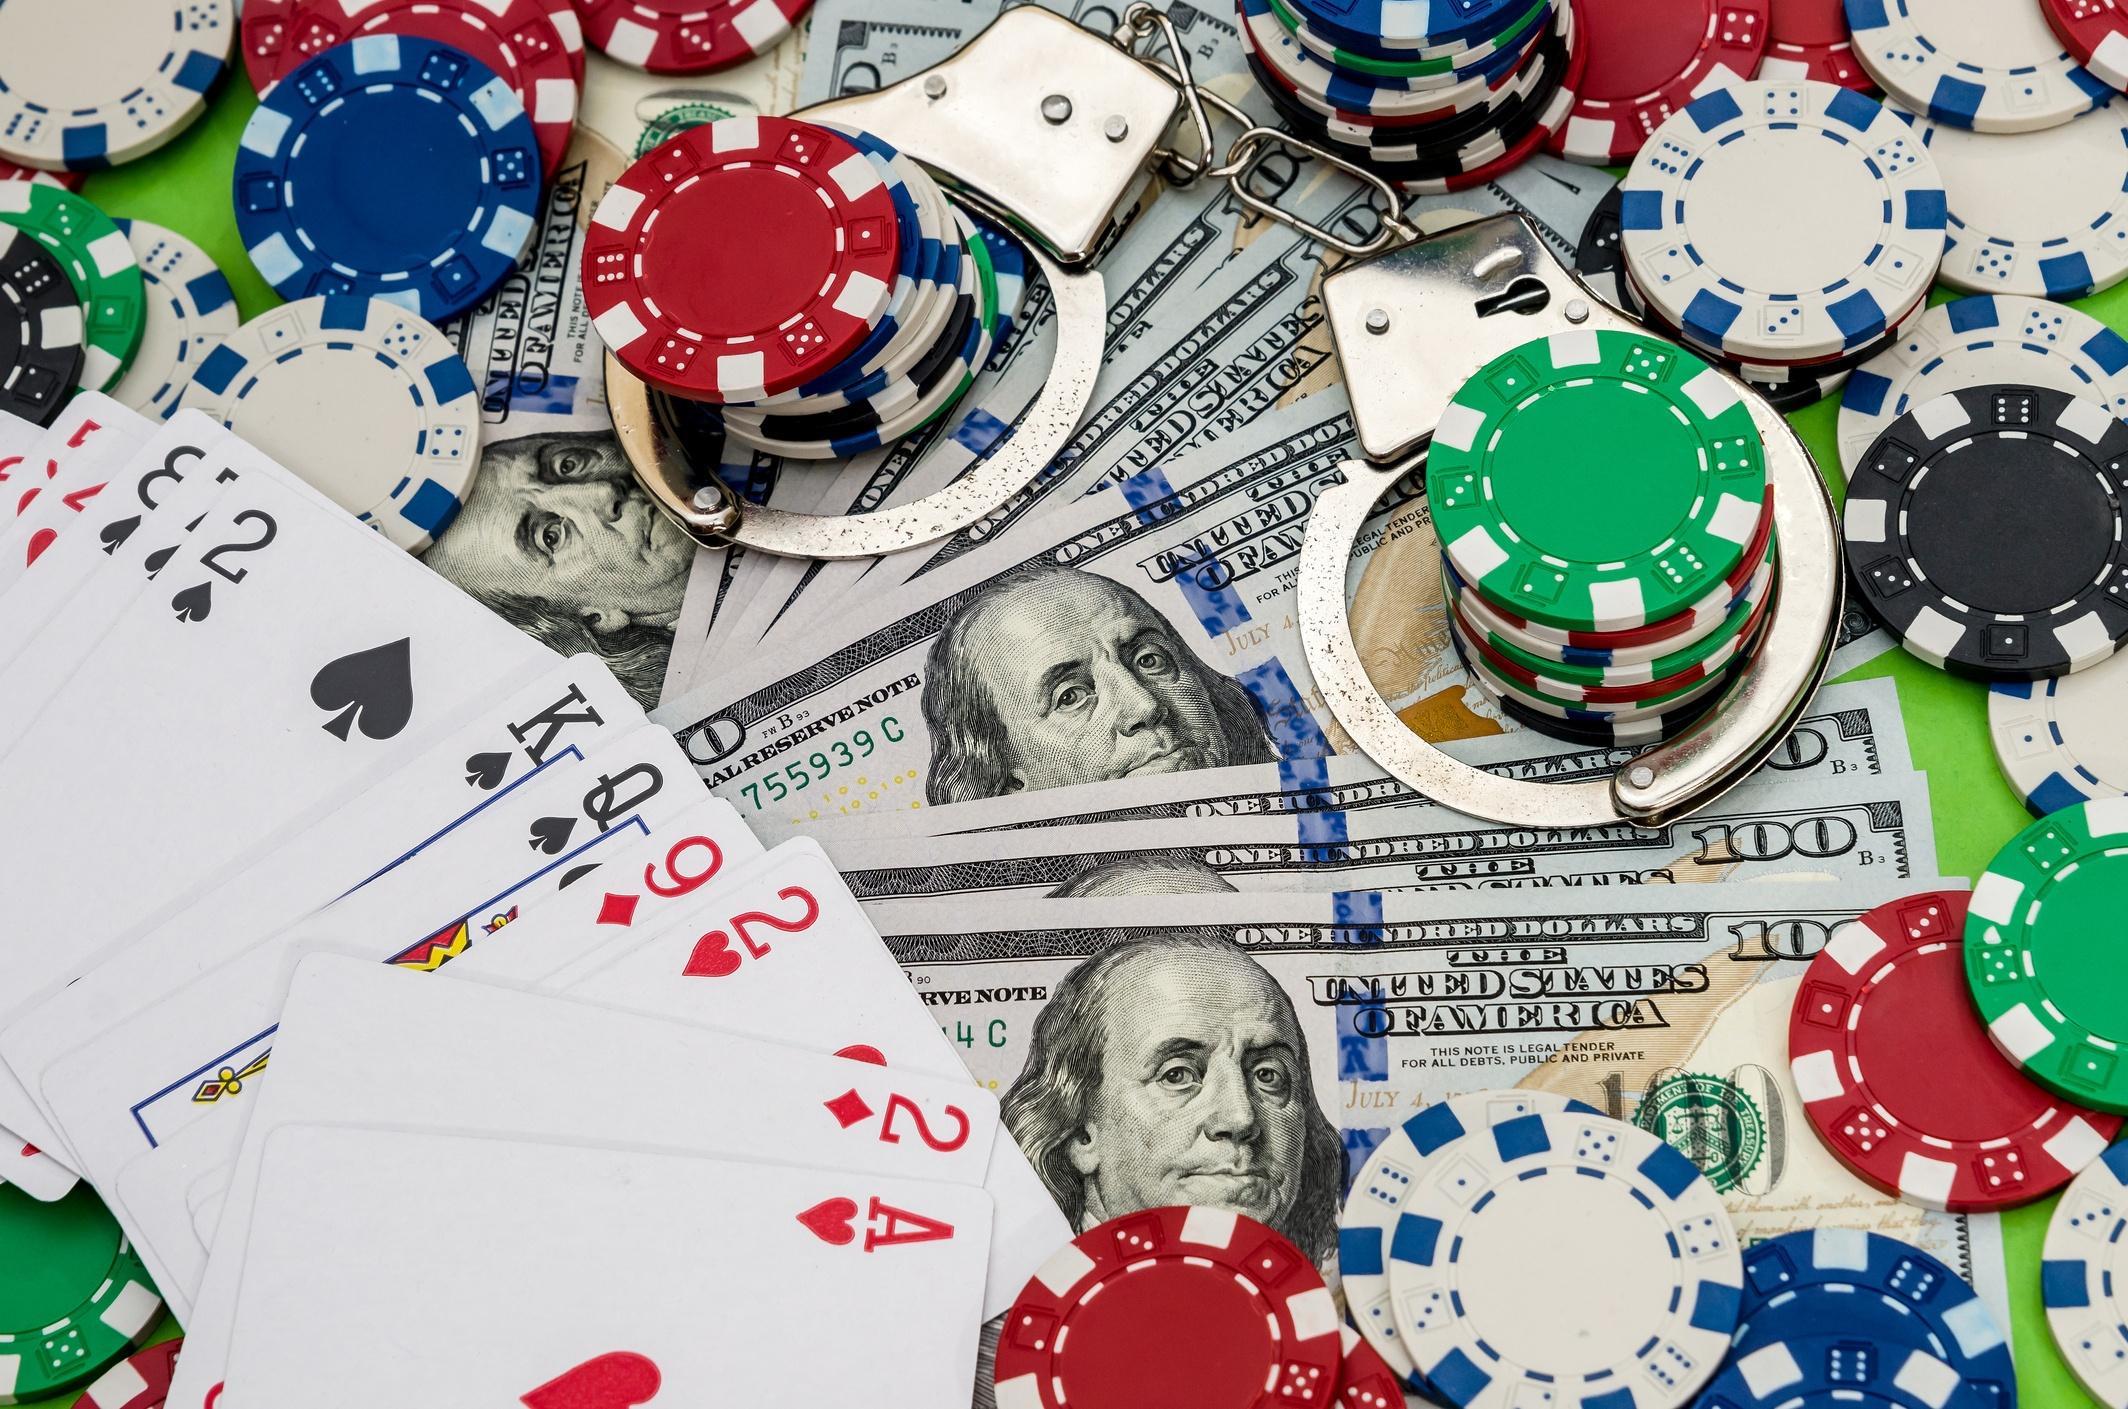 Top 10 Gamblers in Jail